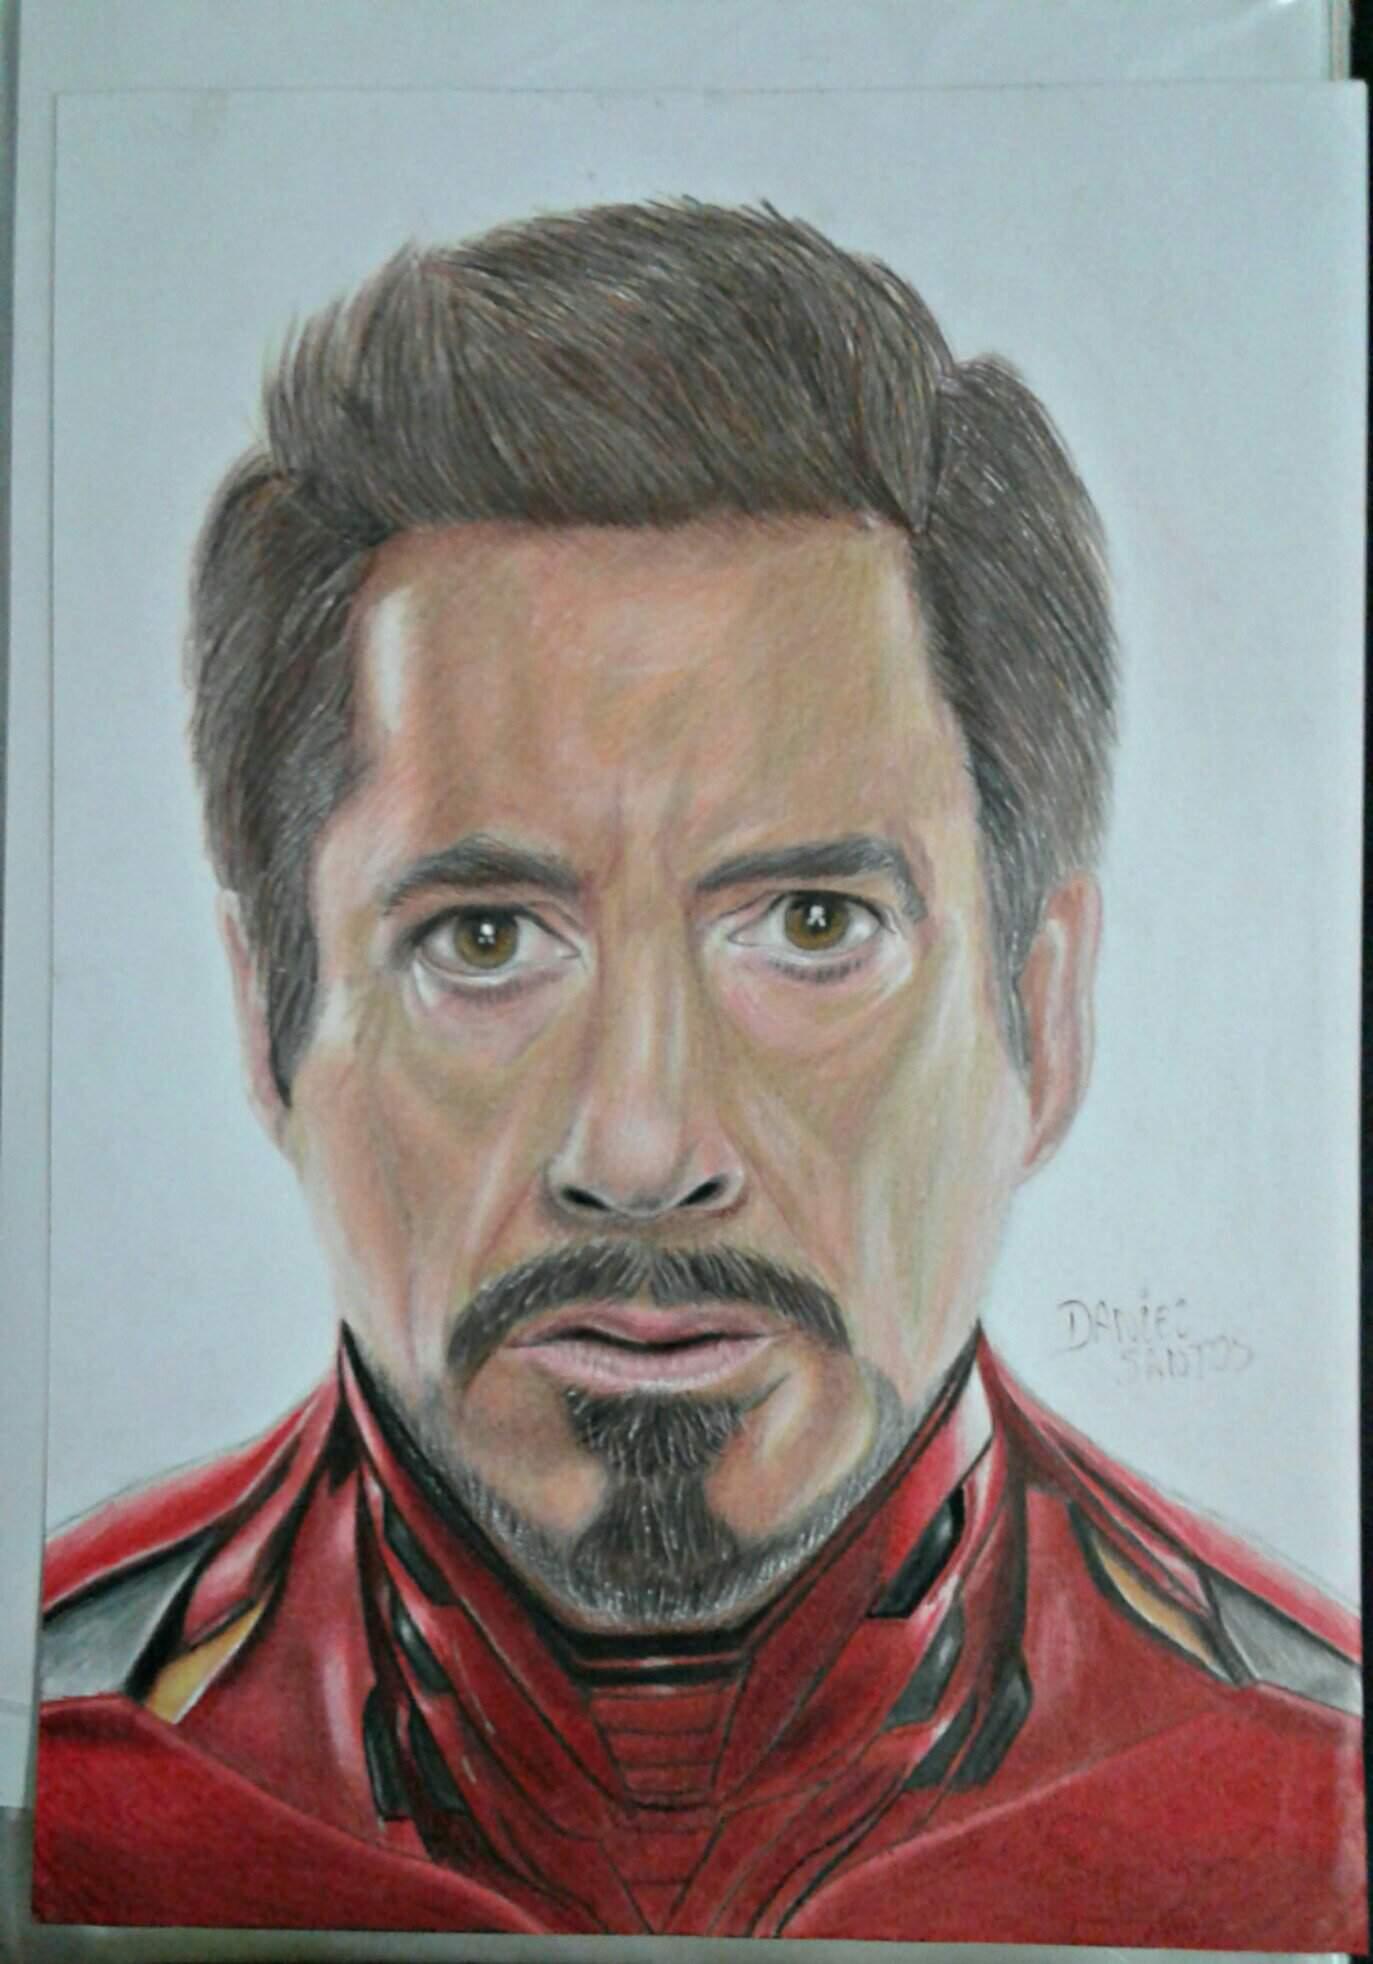 Tony Stark Vingadores Ultimato Desenho Marvel Comics Em